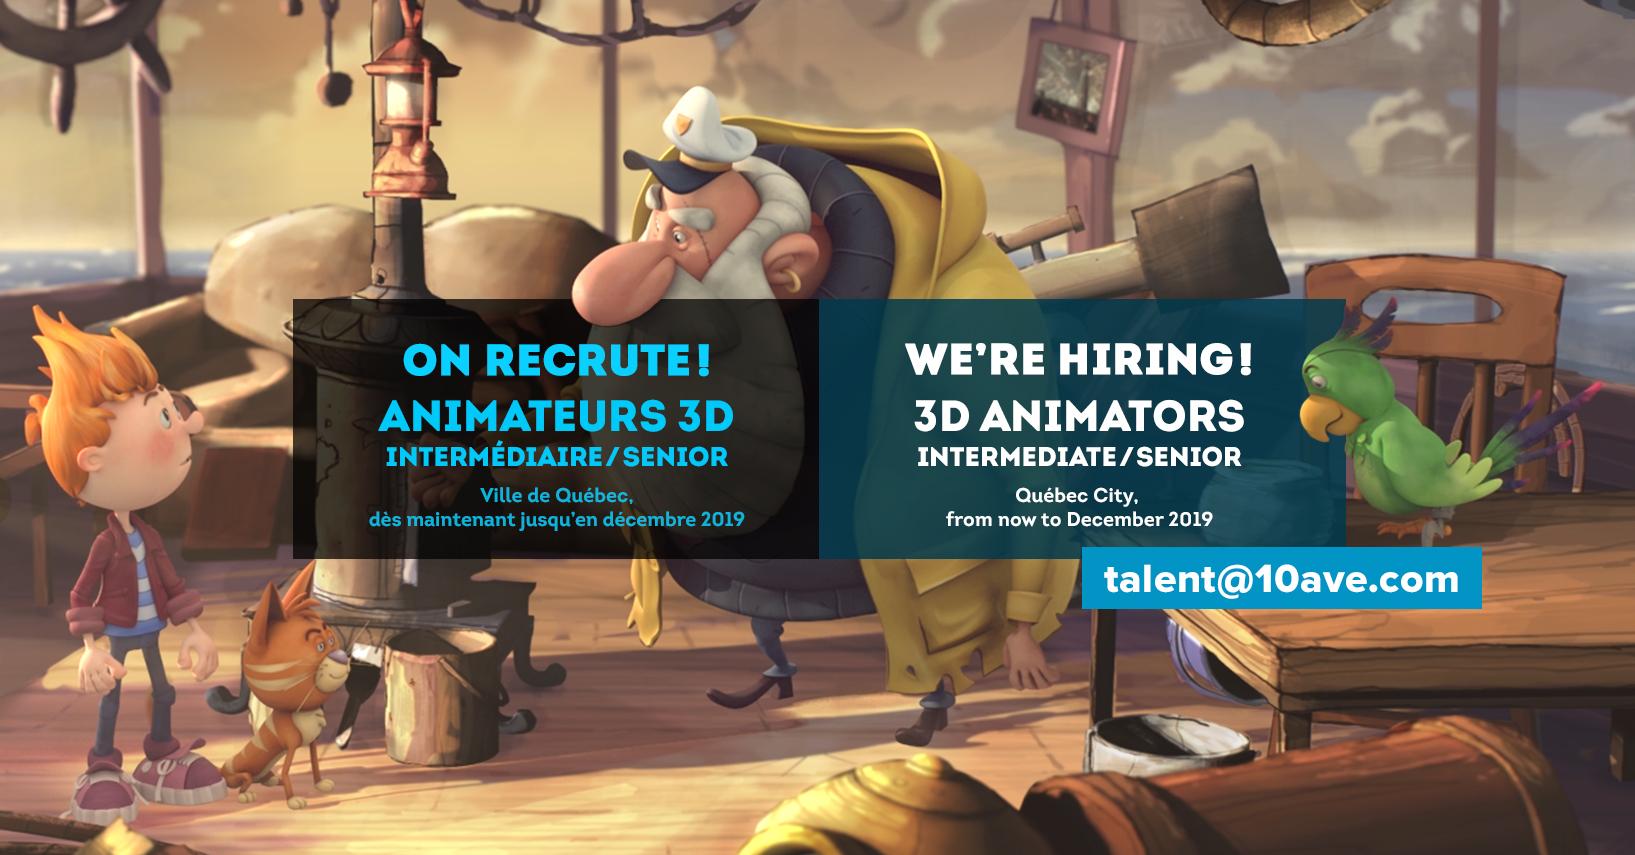 ANIM 10Ave recrutement animateurs 3D 20190611 en tete